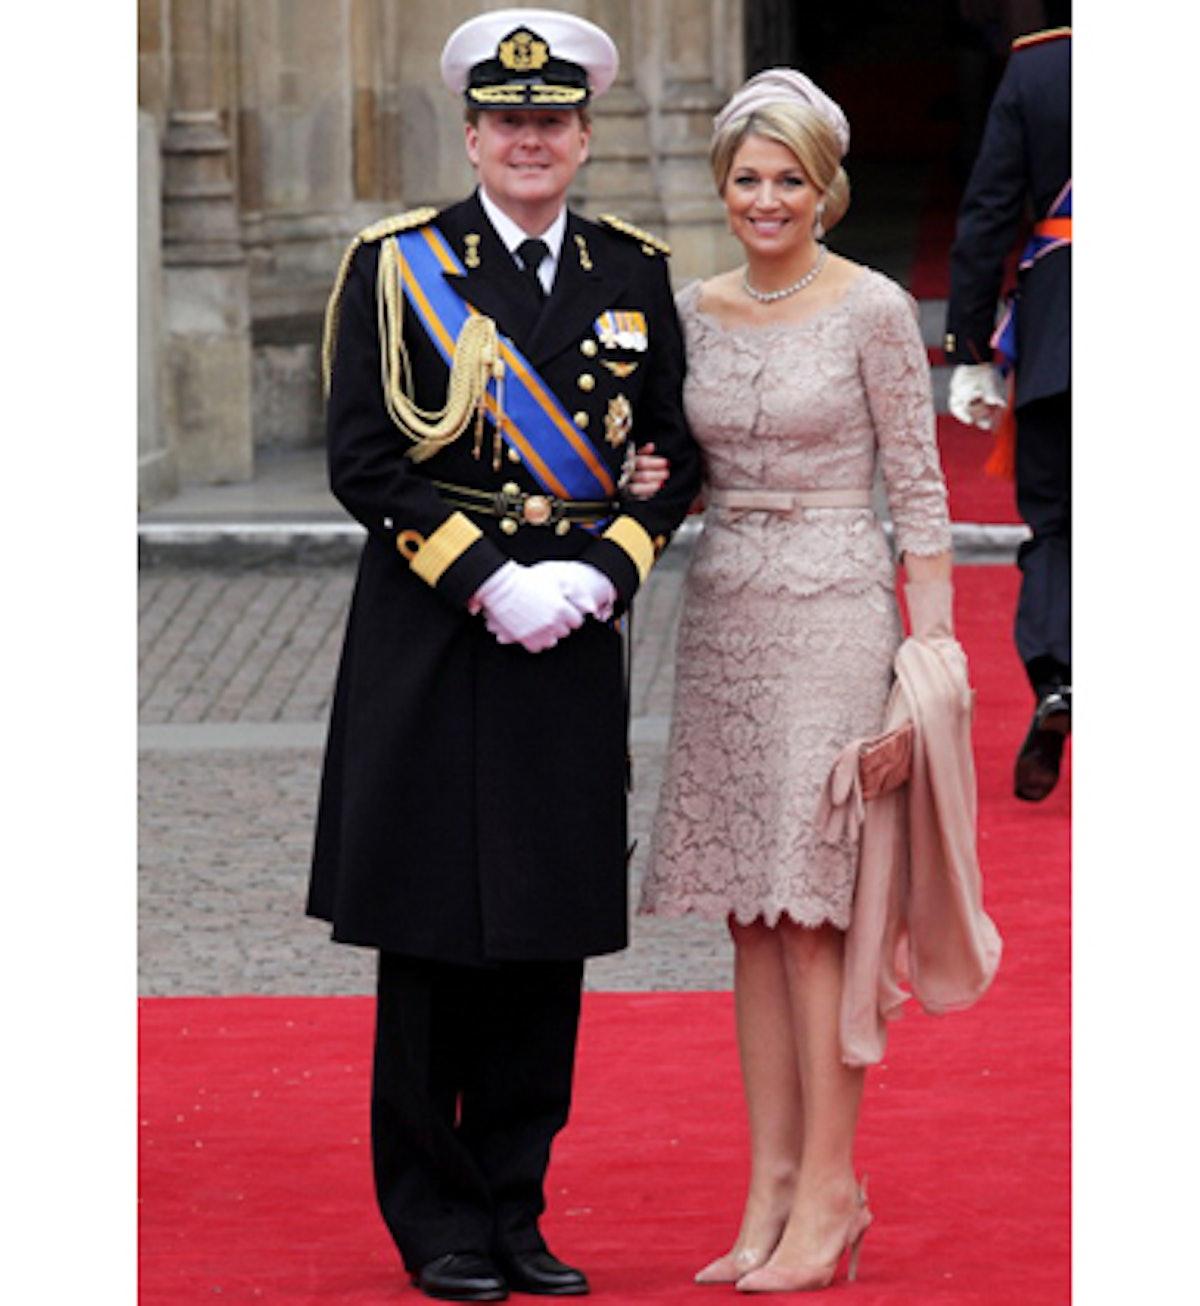 blog-royal-wedding-best-dressed-06.jpg